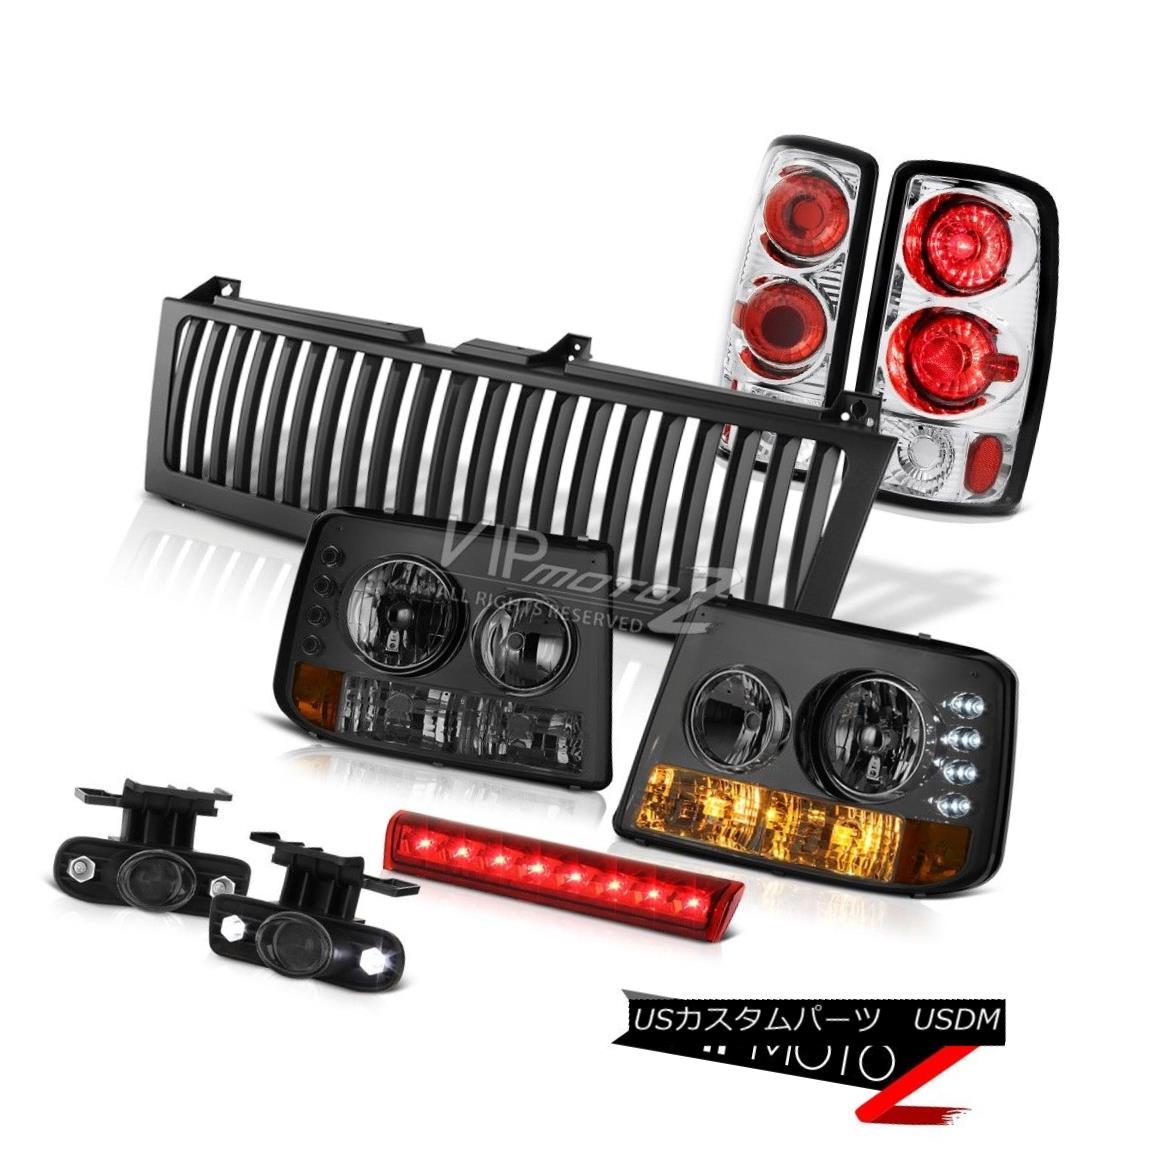 ヘッドライト Smoke Bumper+Headlights Rear Tail Glass Fog 3rd LED Black 00-06 Suburban 5.3L スモークバンパー+ヘッドリッグ htsリアテールグラスフォグ3rd LEDブラック00-06郊外5.3L